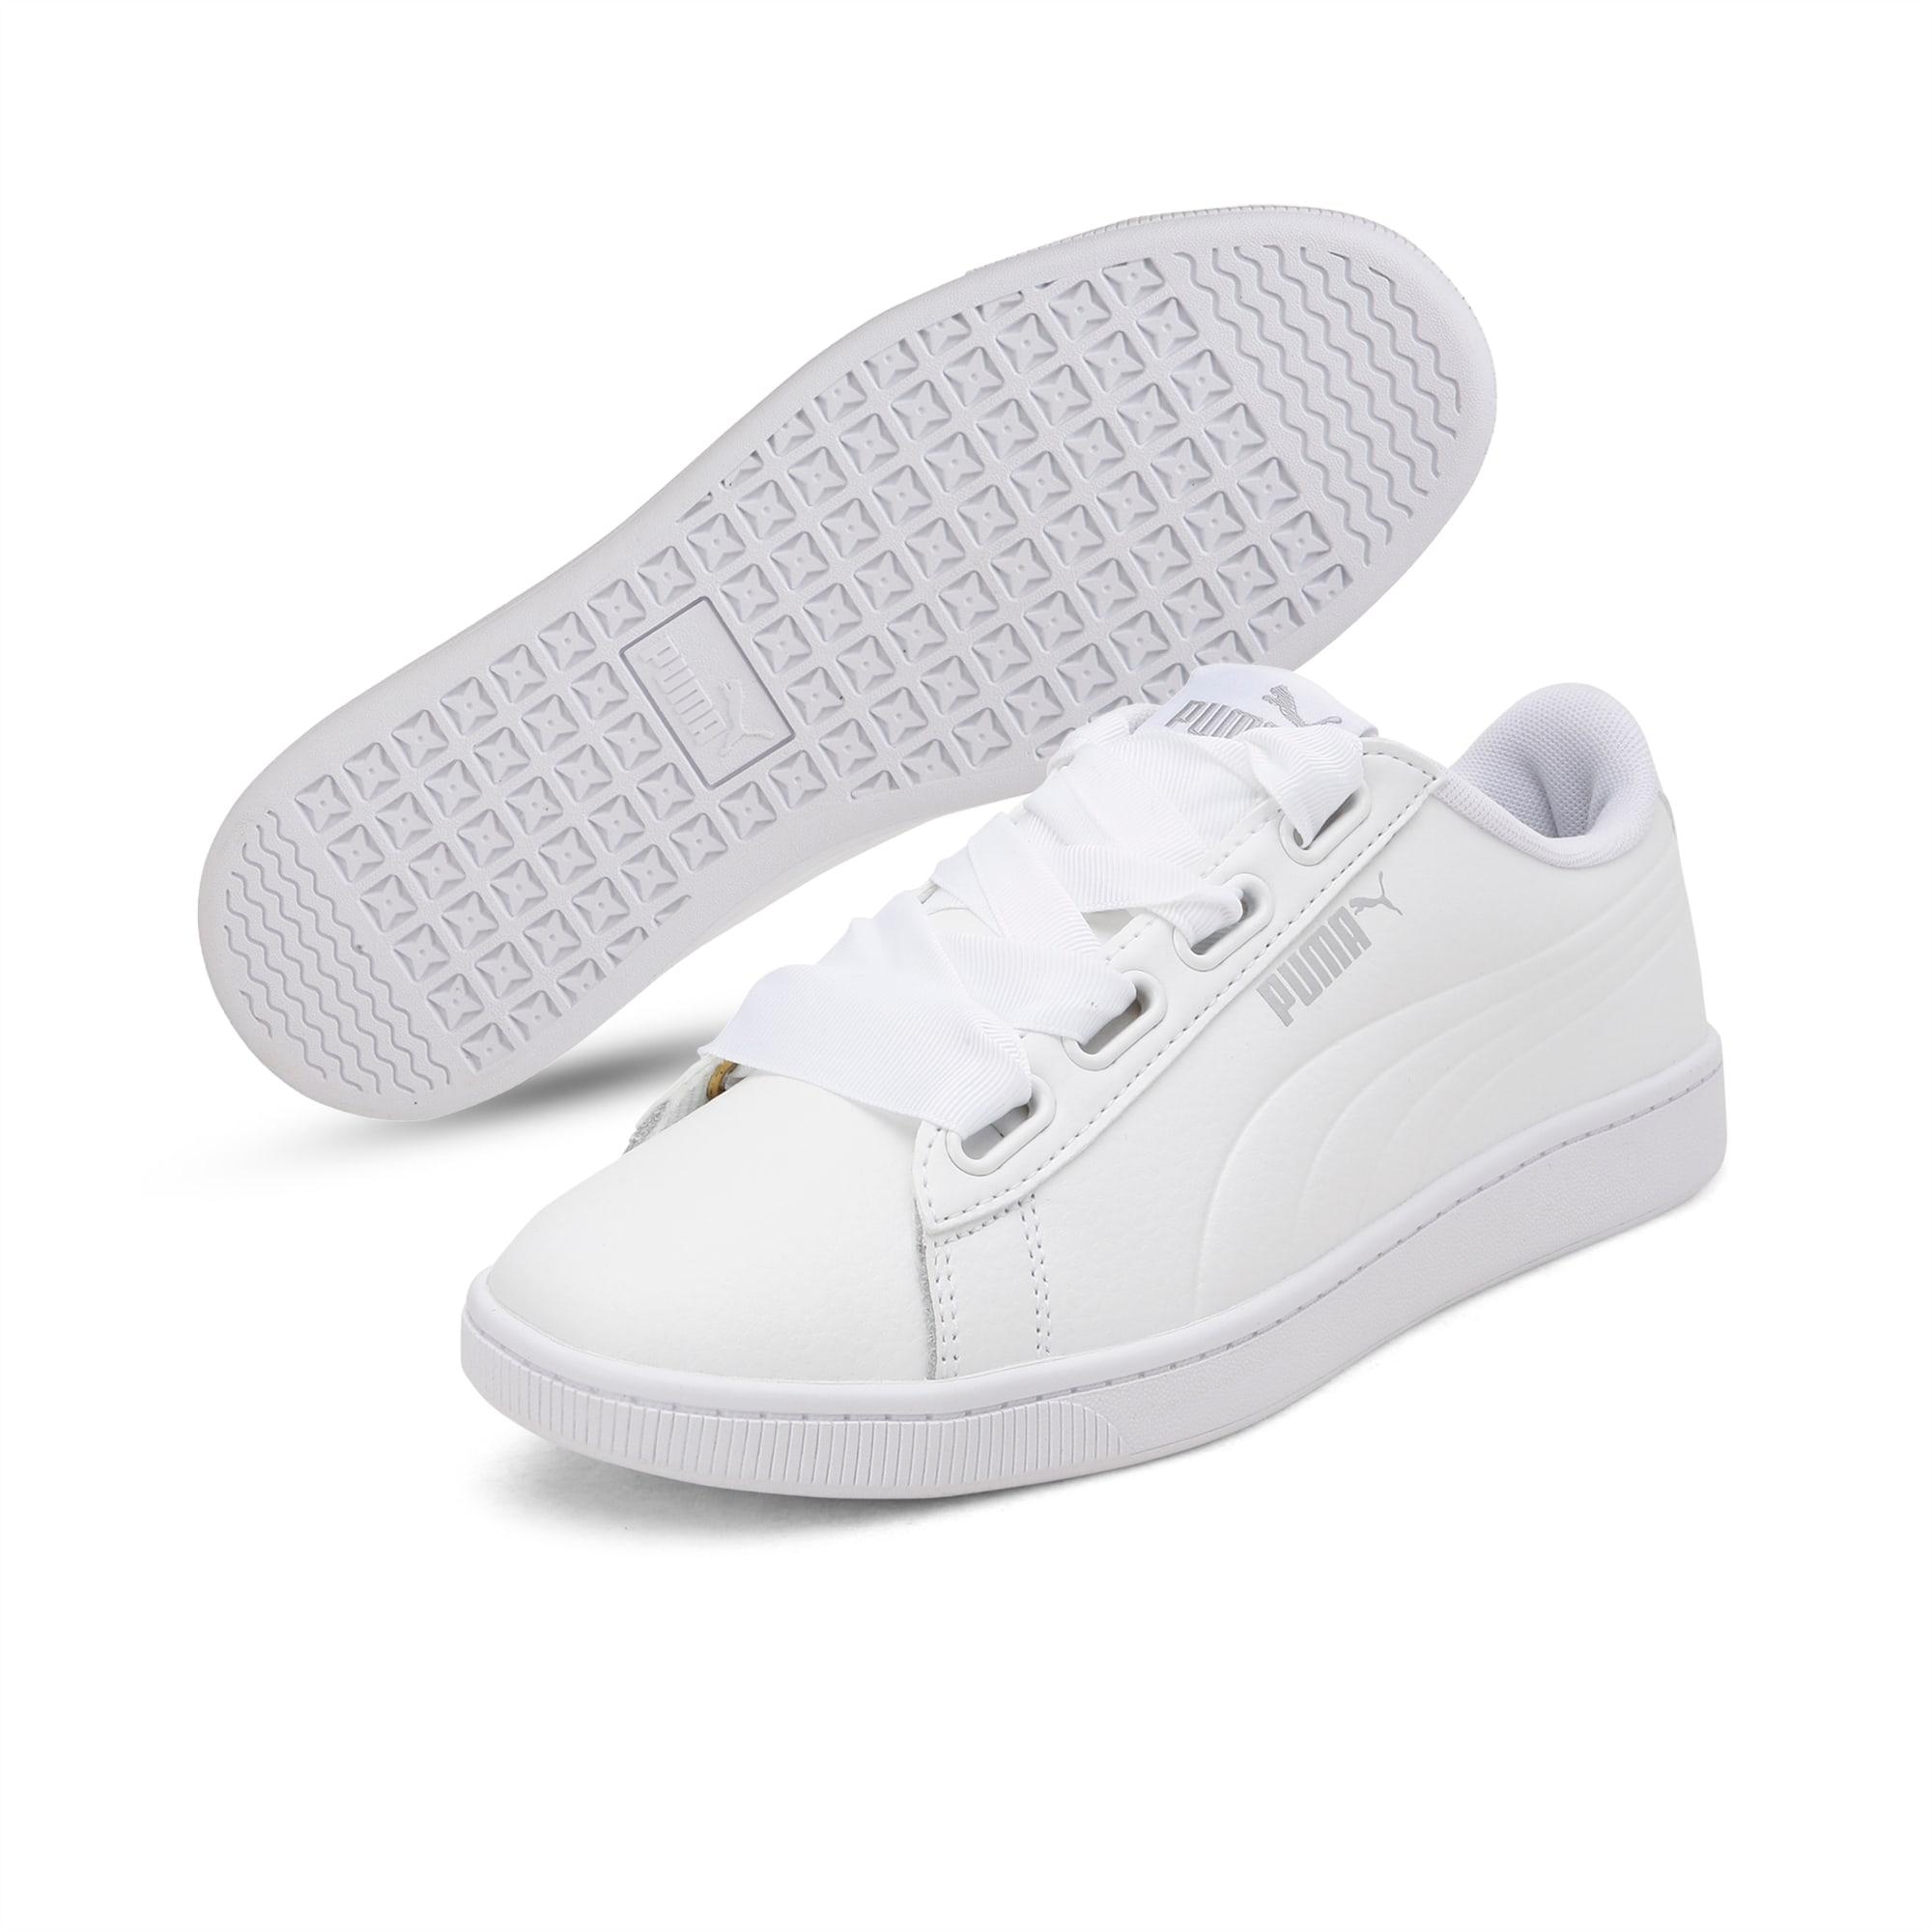 PUMA Vikky v2 Ribbon Core Women's Shoes